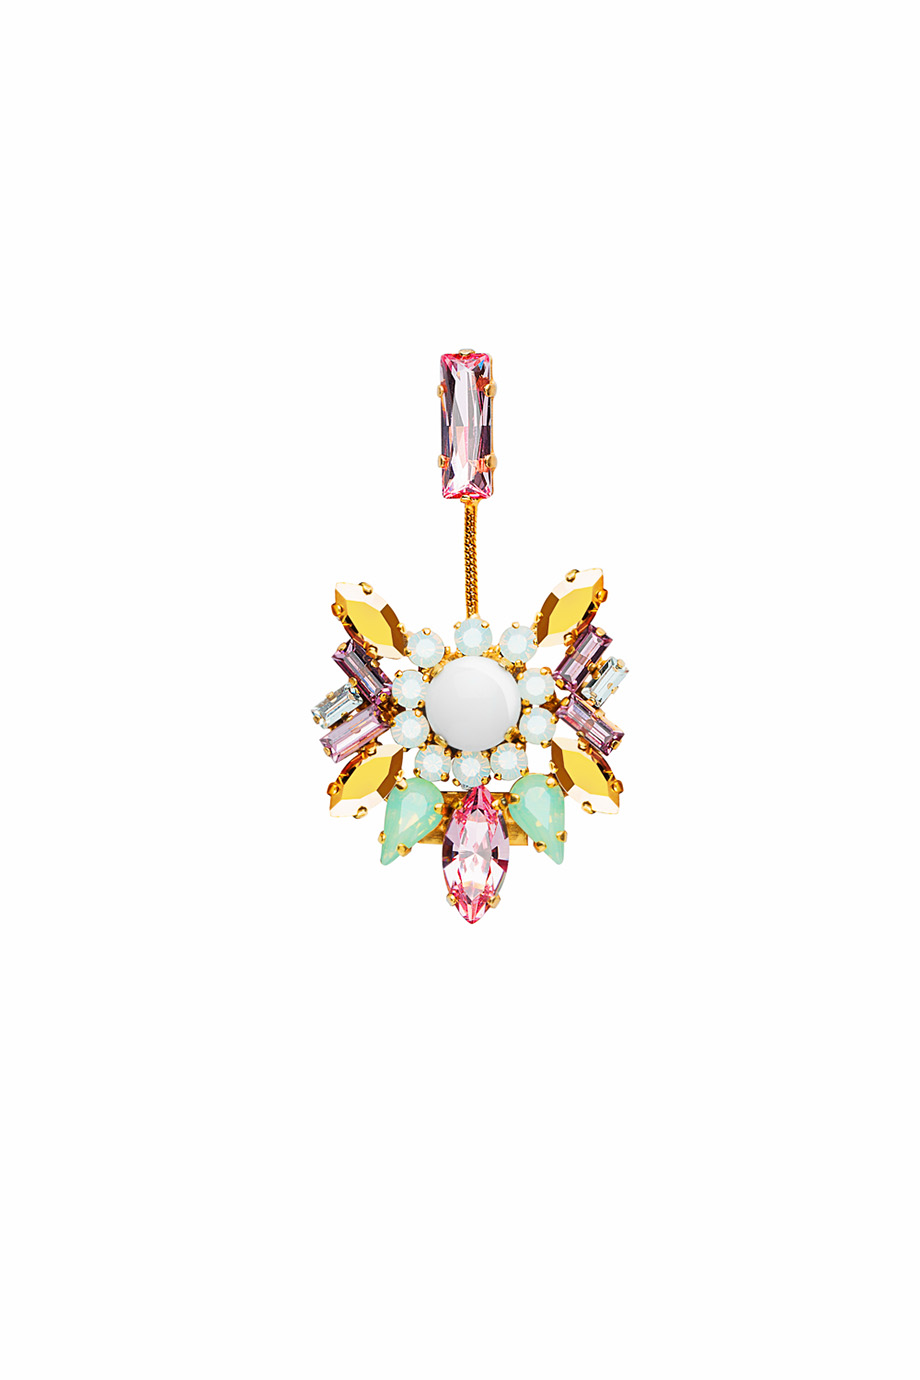 portfolio - jewellery-013